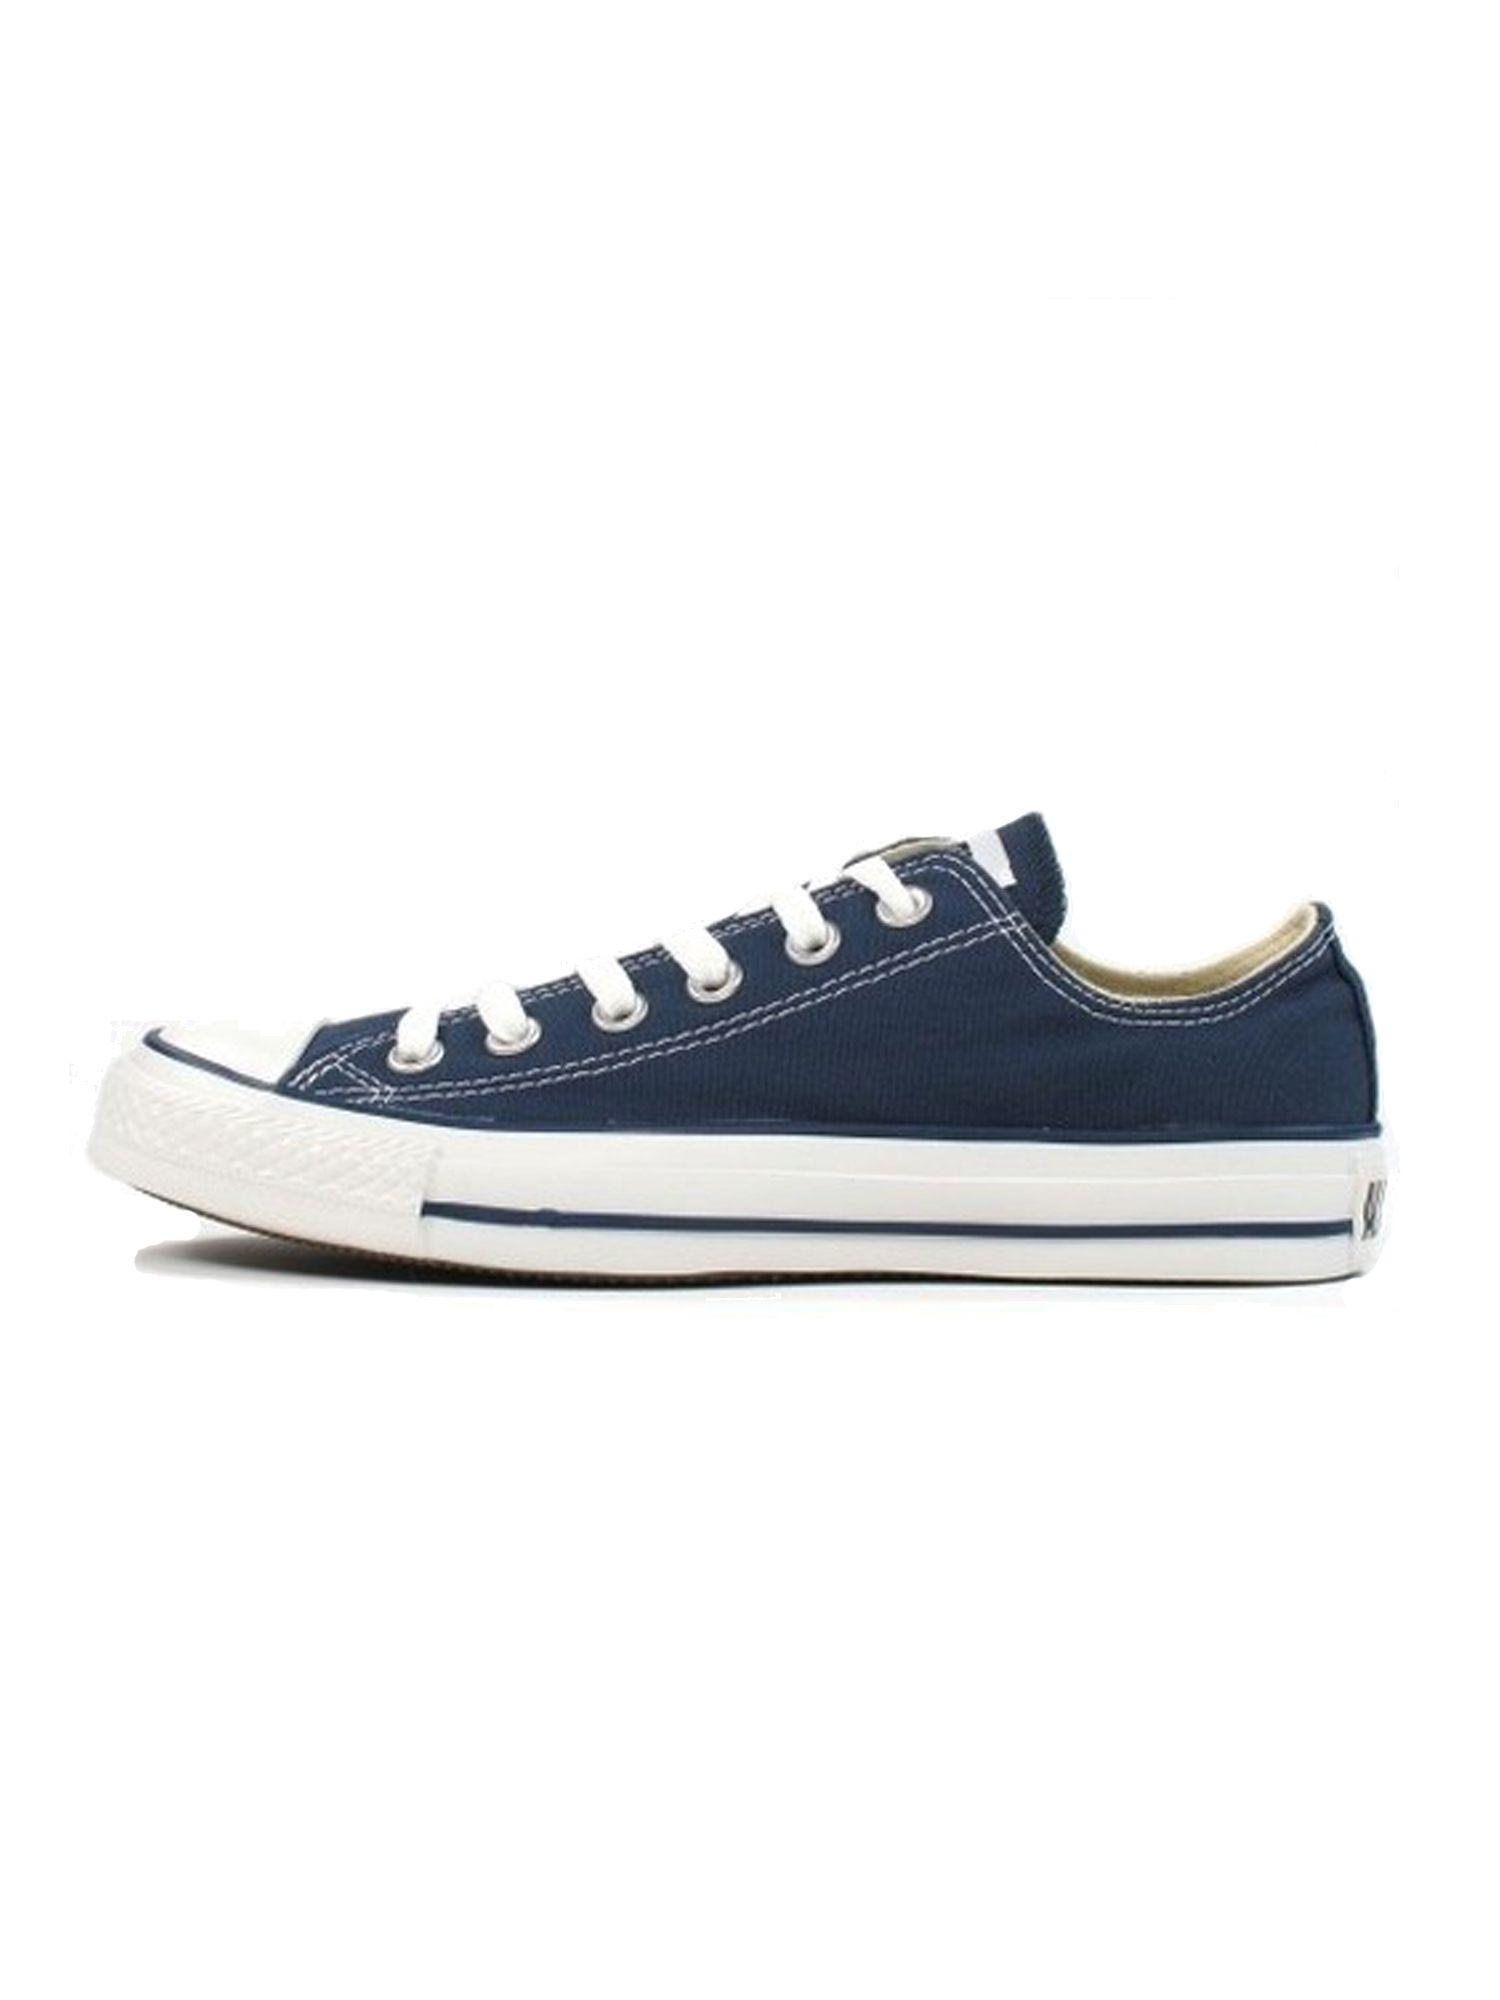 Verkauf Converse Damen Schuhe All Star Ox Blau M9697C